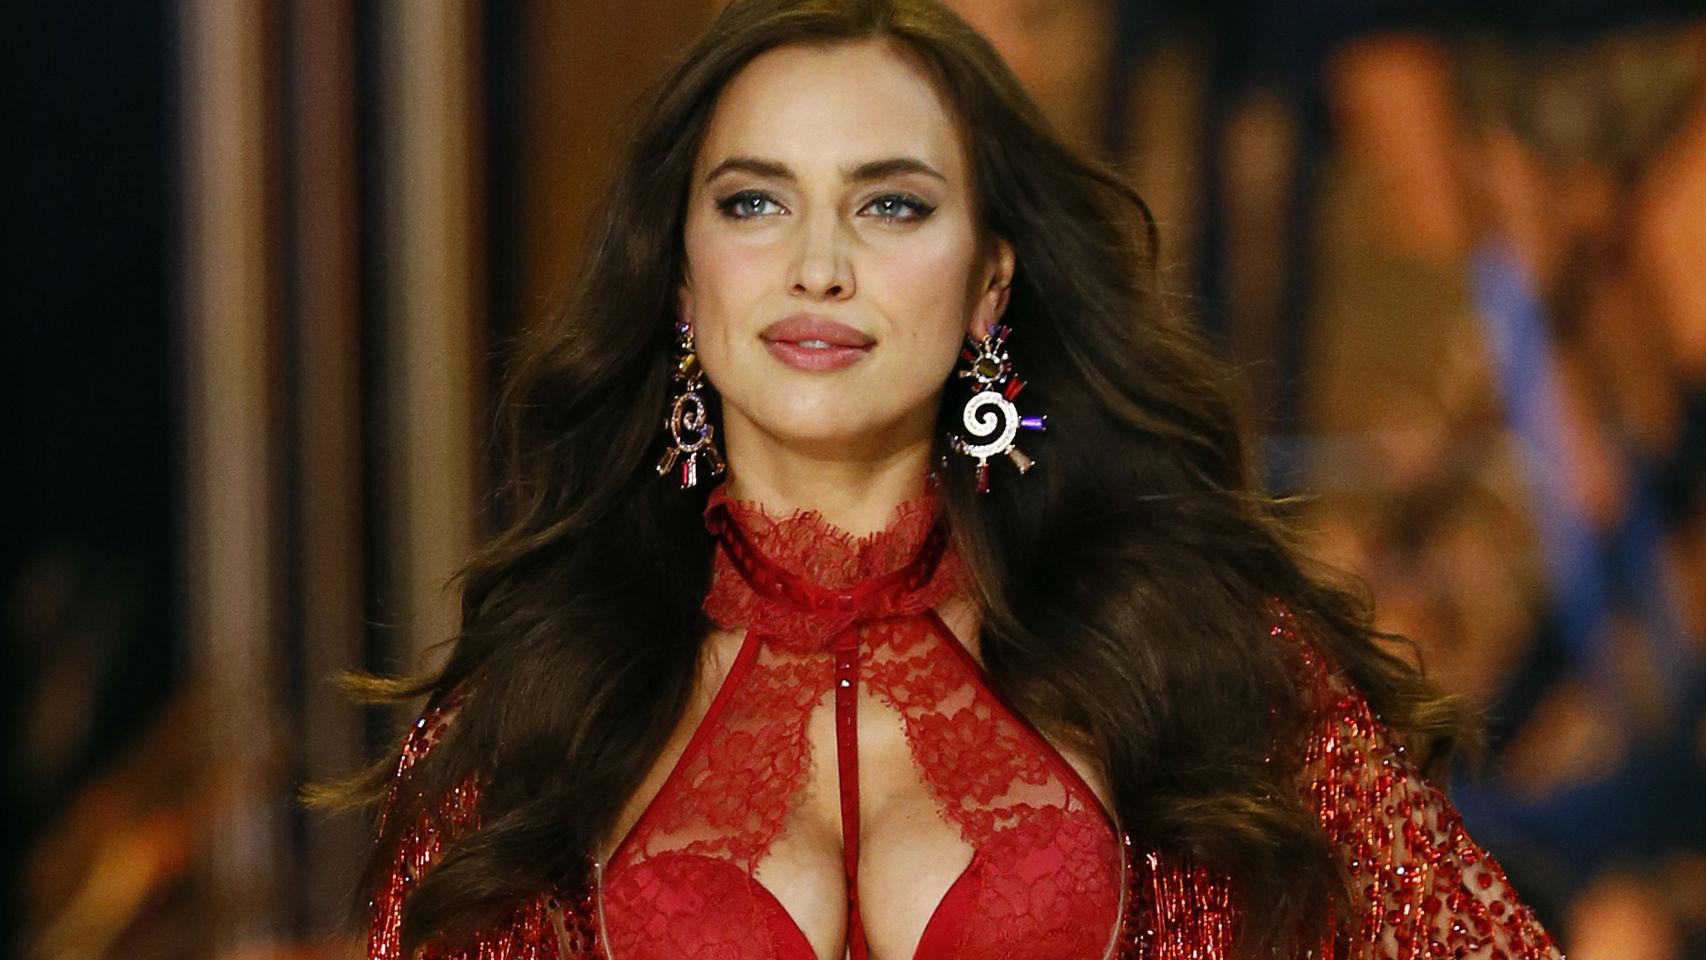 Irina Shayk cumplió su sueño de ser modelo y llegar a lo más alto.